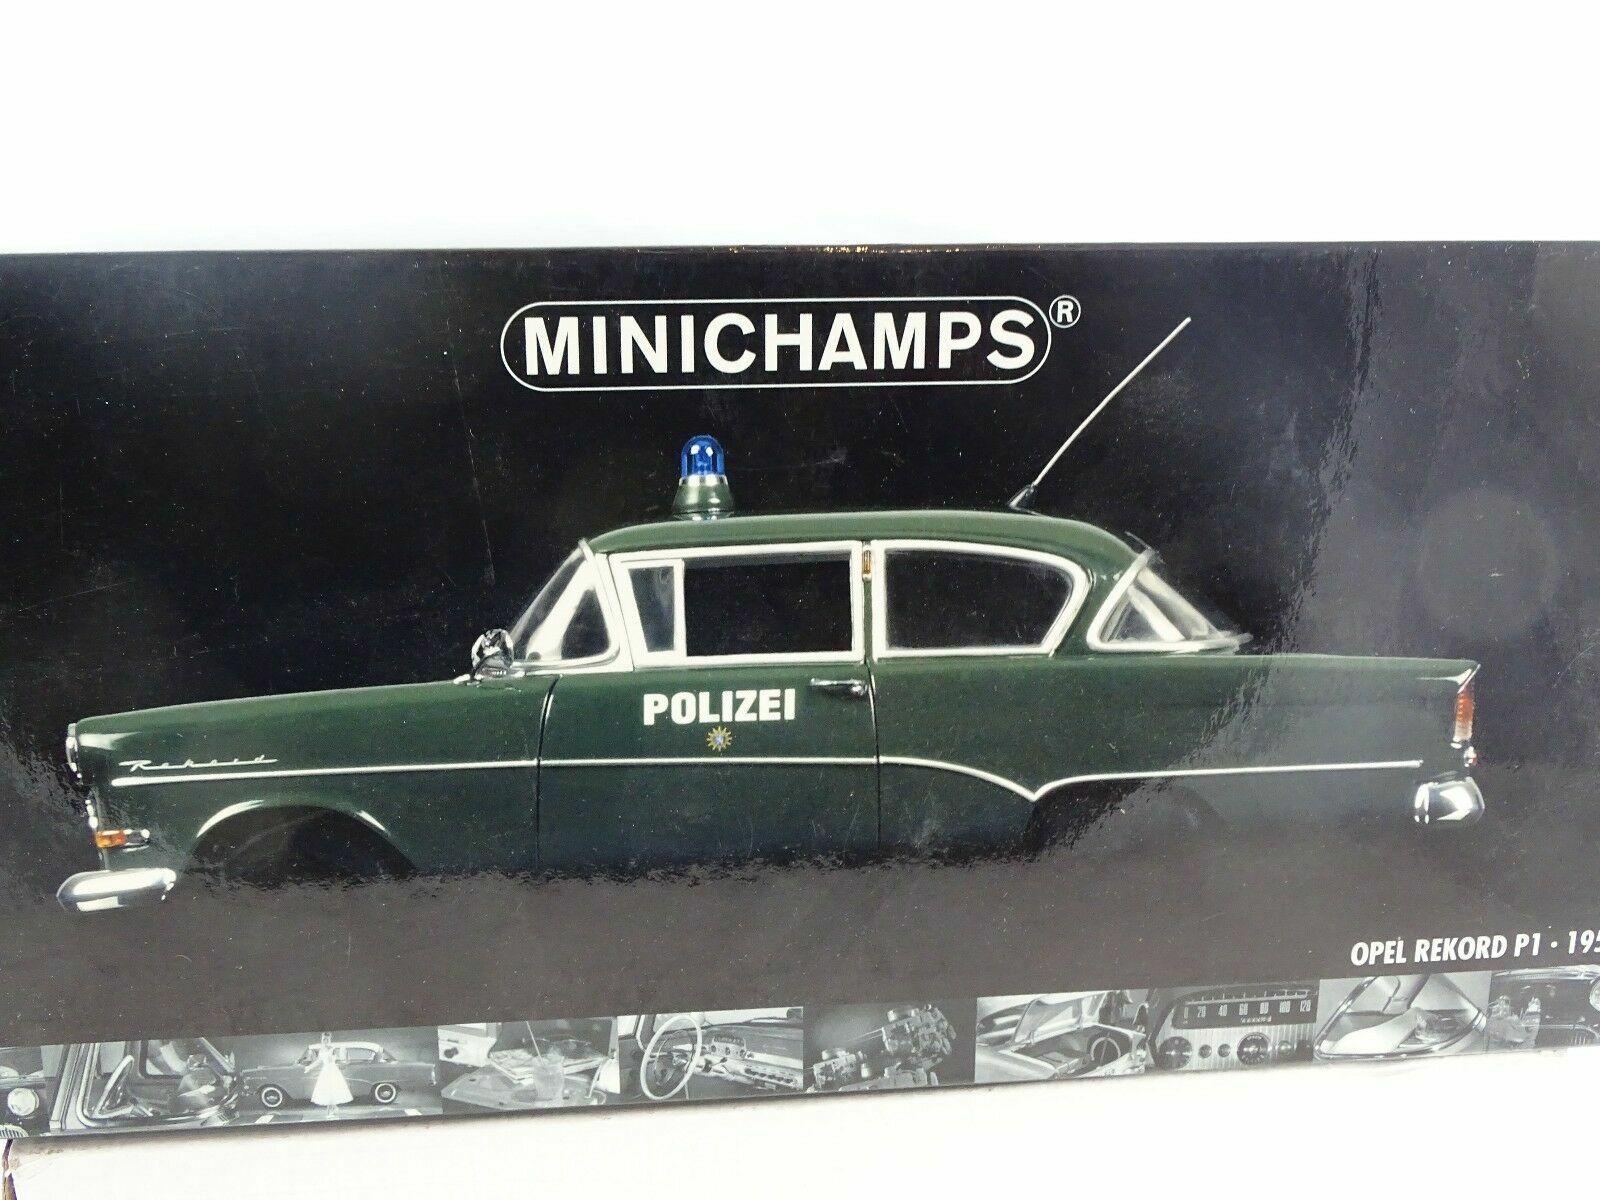 1 18 Minichamps - 1958 Opel Rekord p1 policía rareza nuevo en el embalaje original